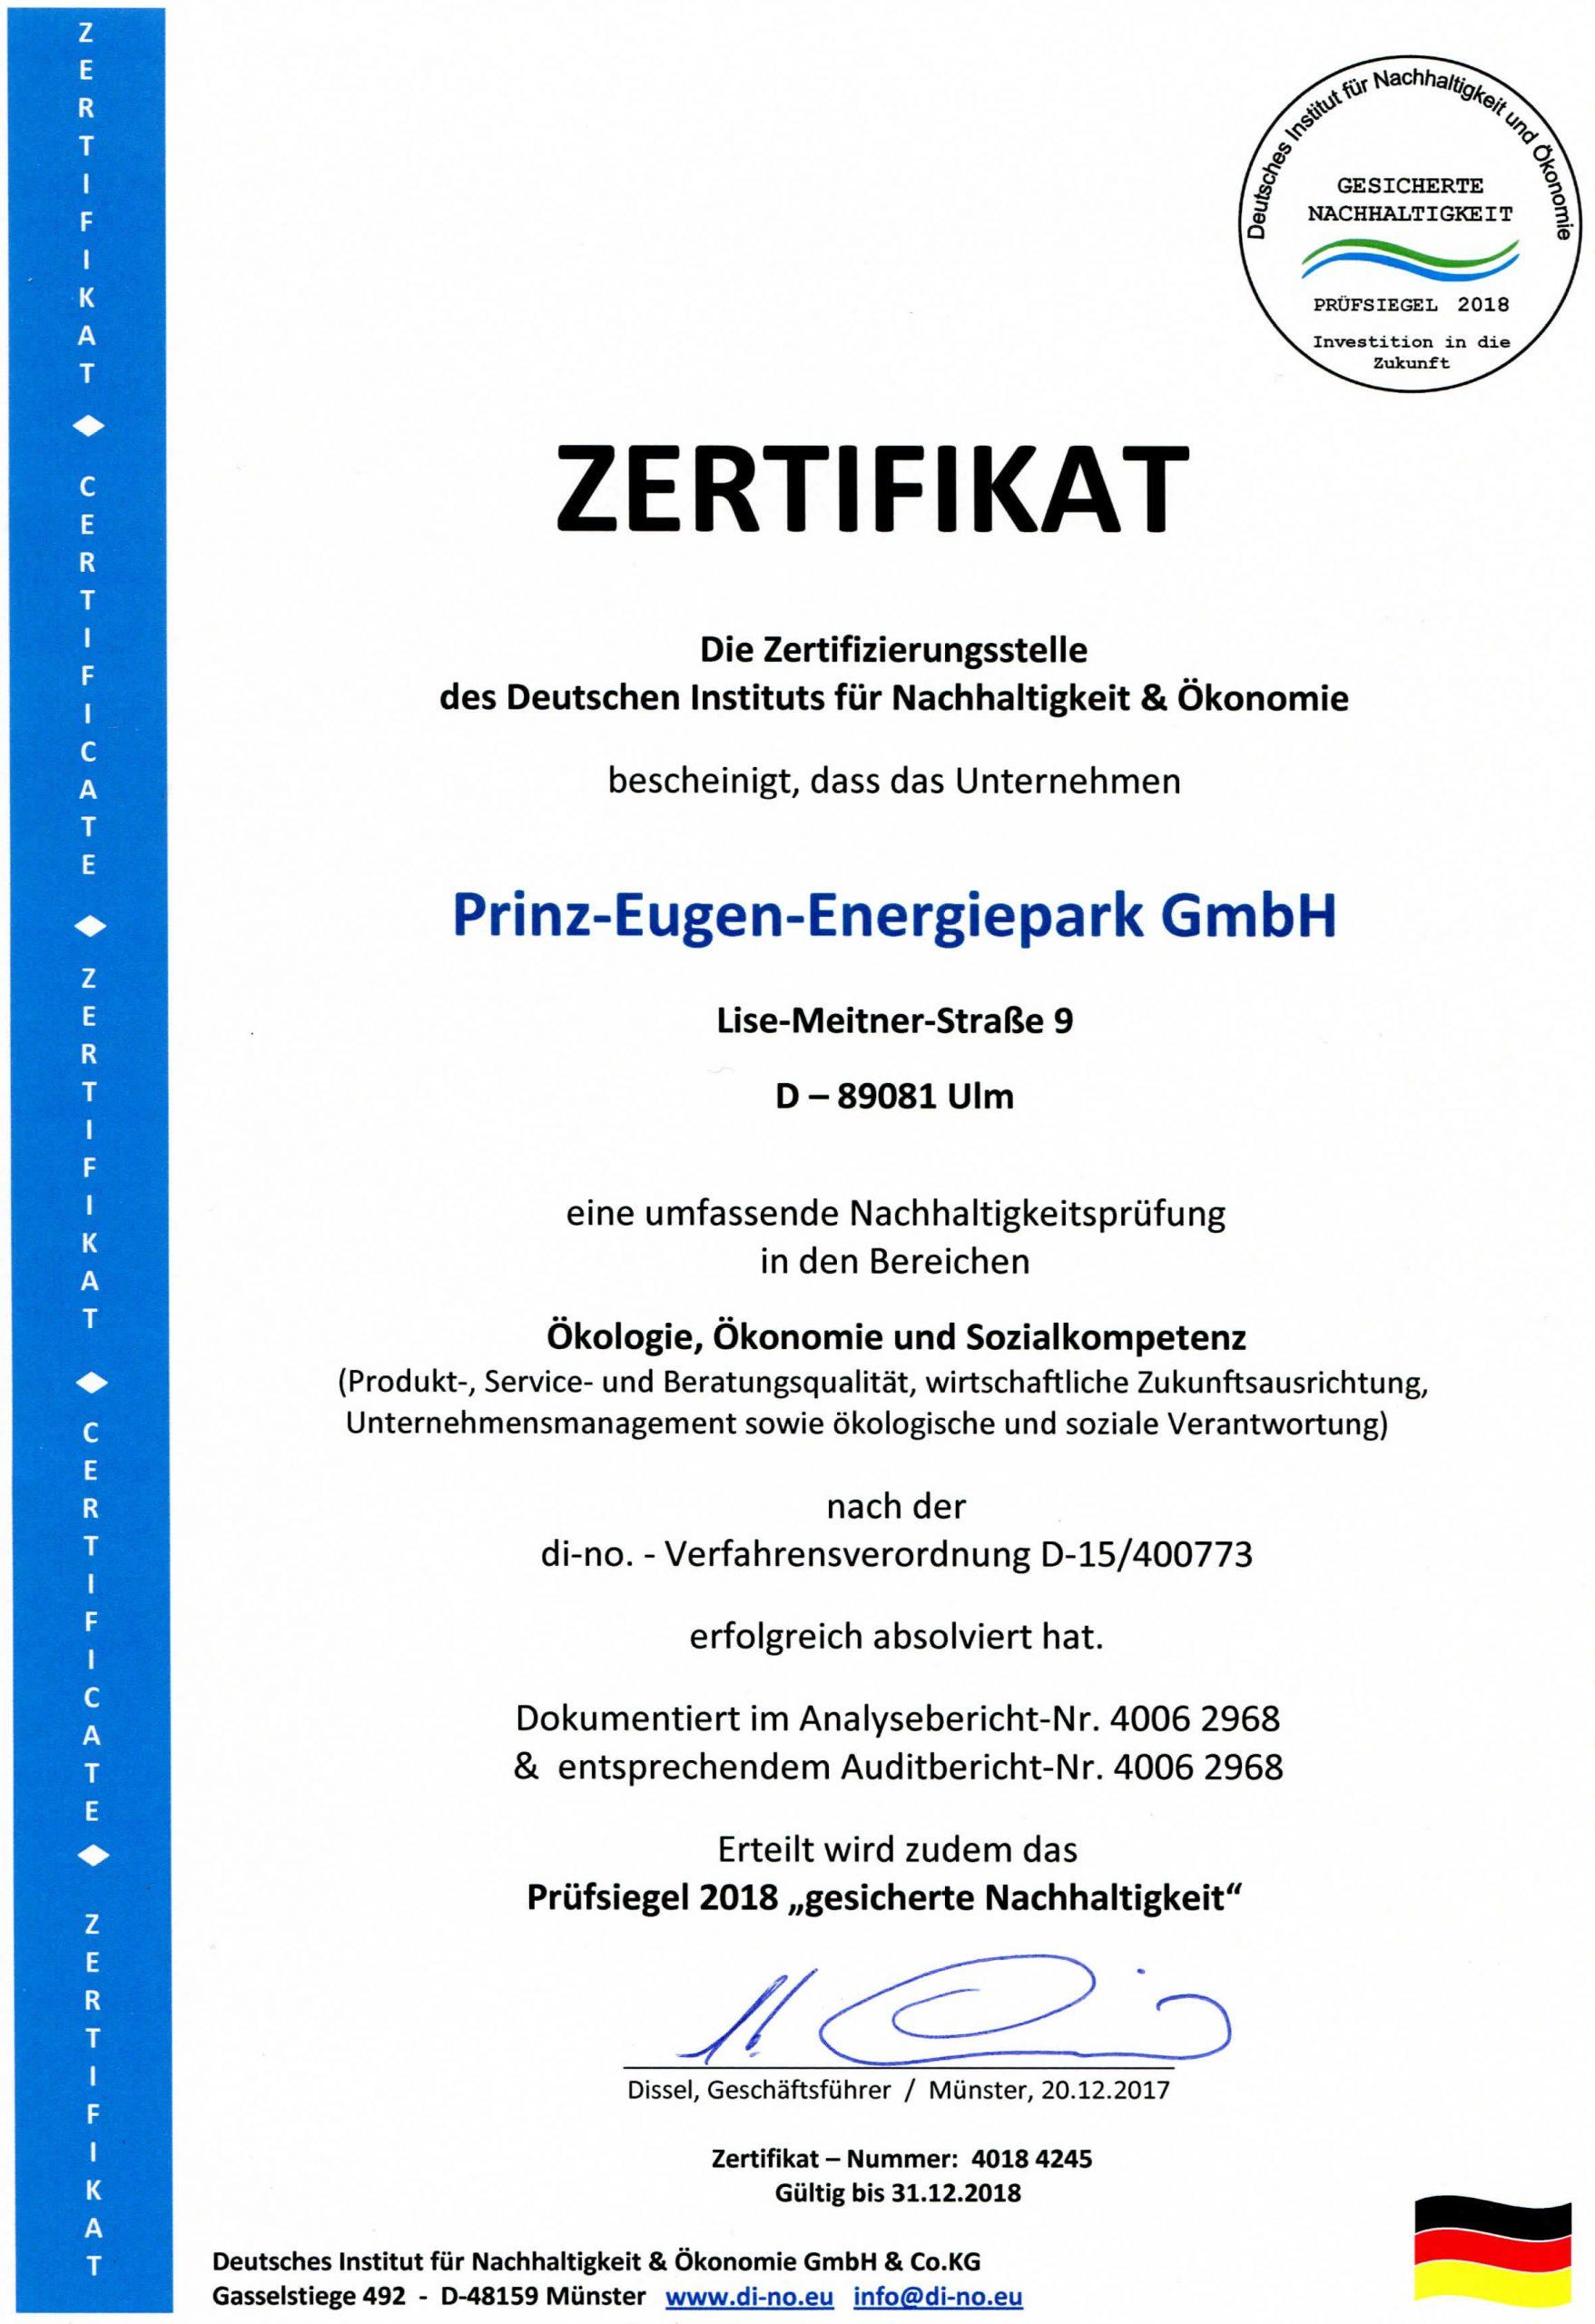 Zertifikat für Ökologie, Ökonomie und Sozialkompetenz für Prinz-Eugen-Energiepark 2018